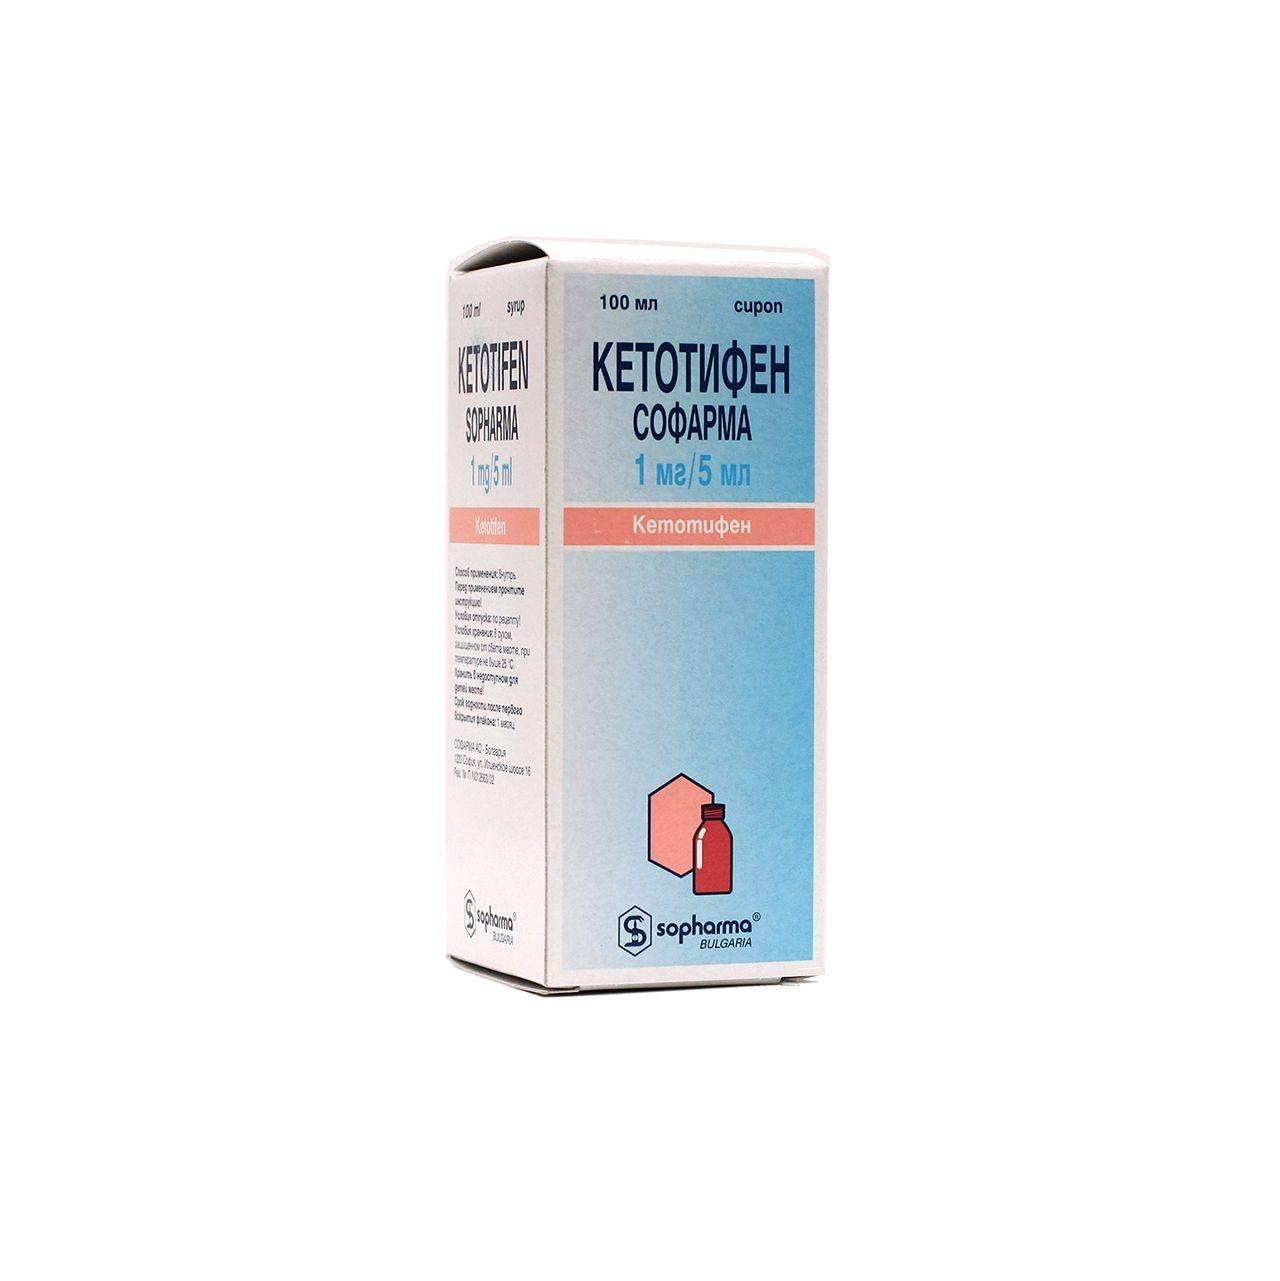 Кетотифен: инструкция по применению, отзывы и аналоги, цены в аптеках